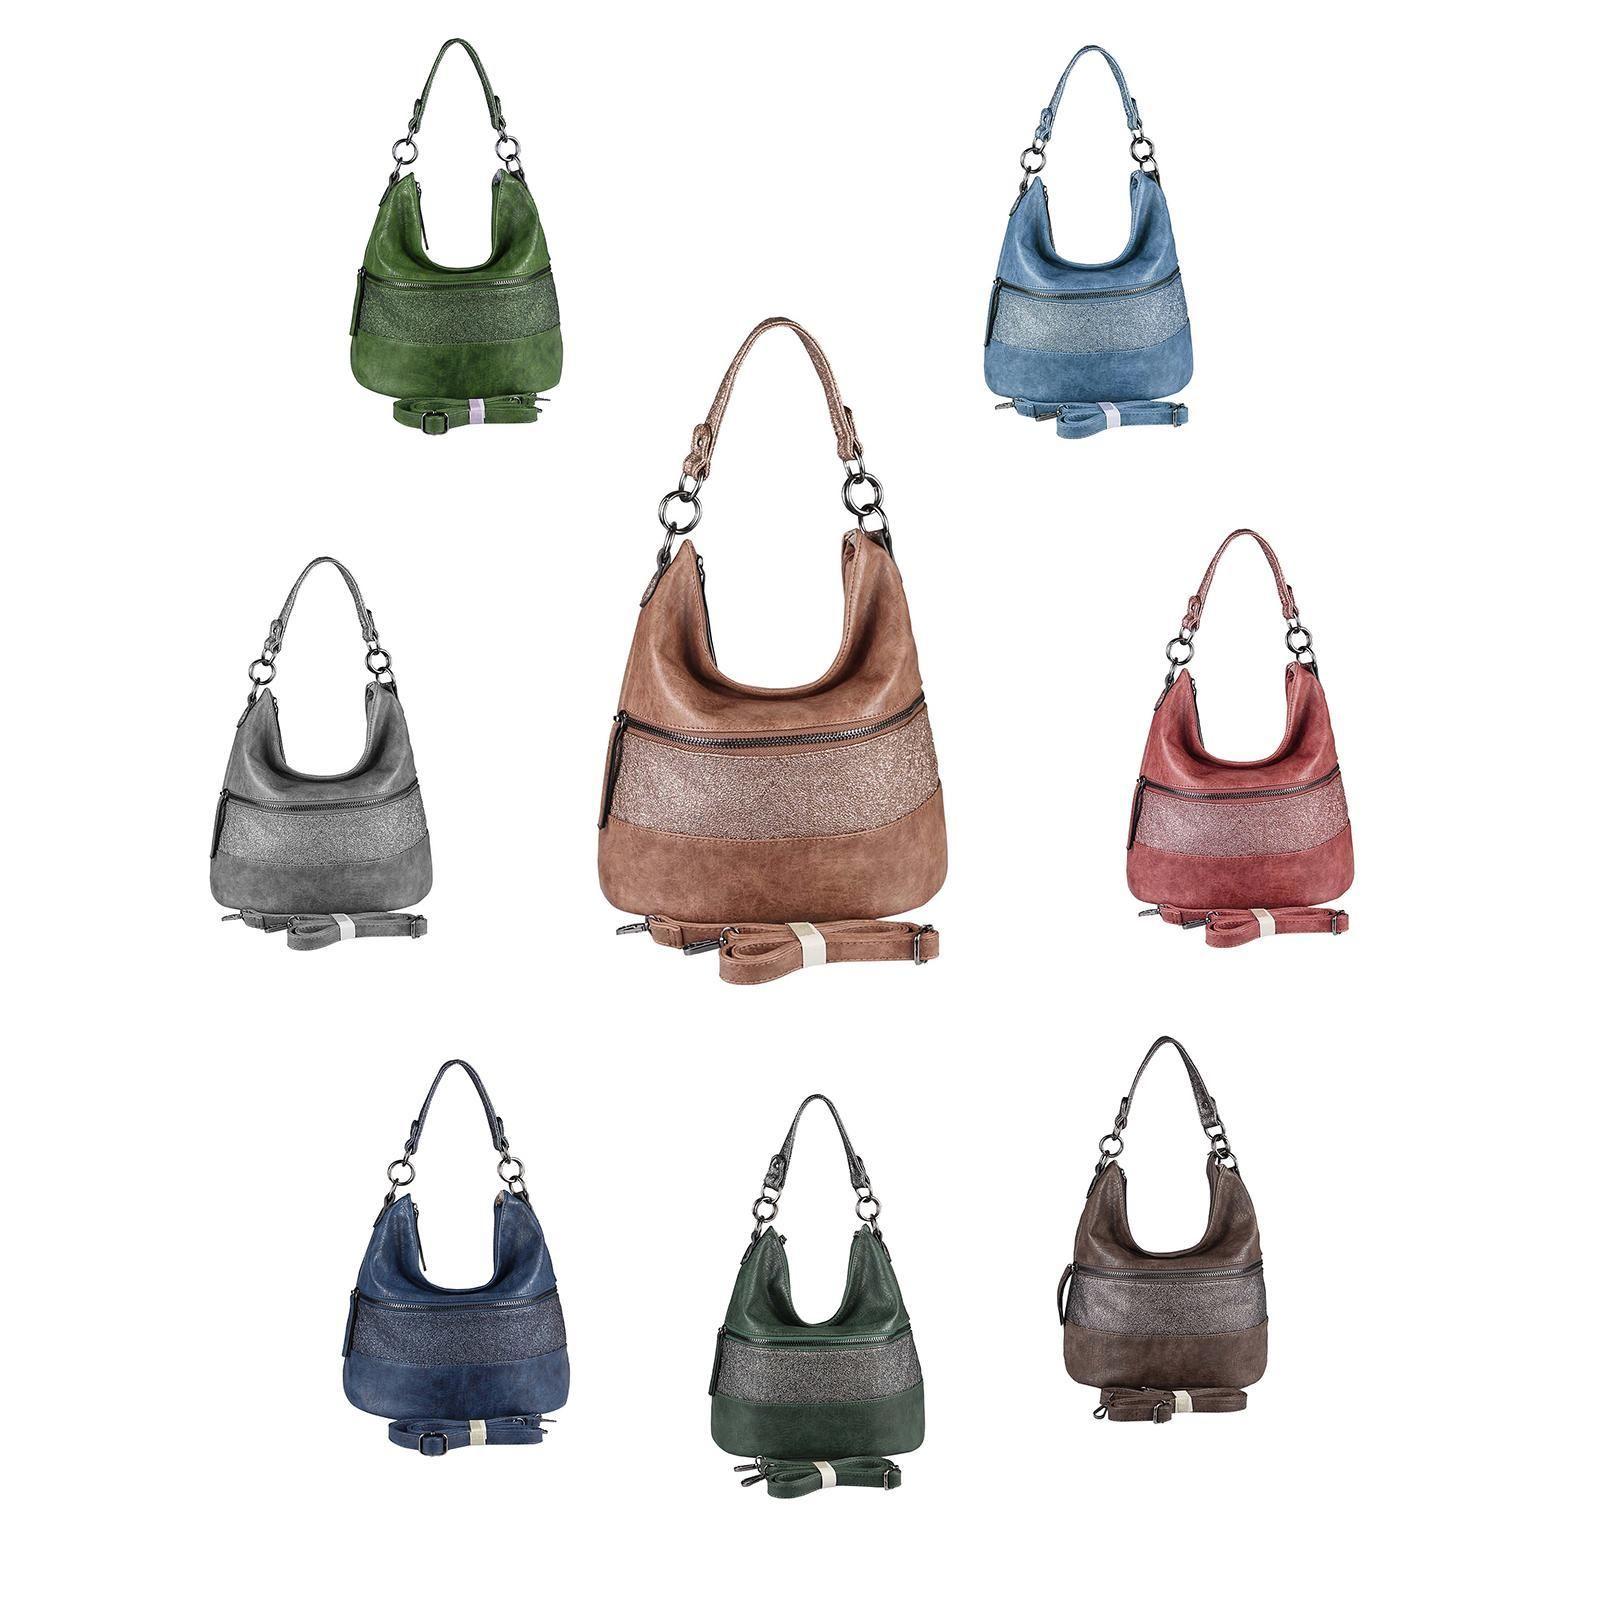 Damen hand tasche hobo bag umhängetasche schultertasche